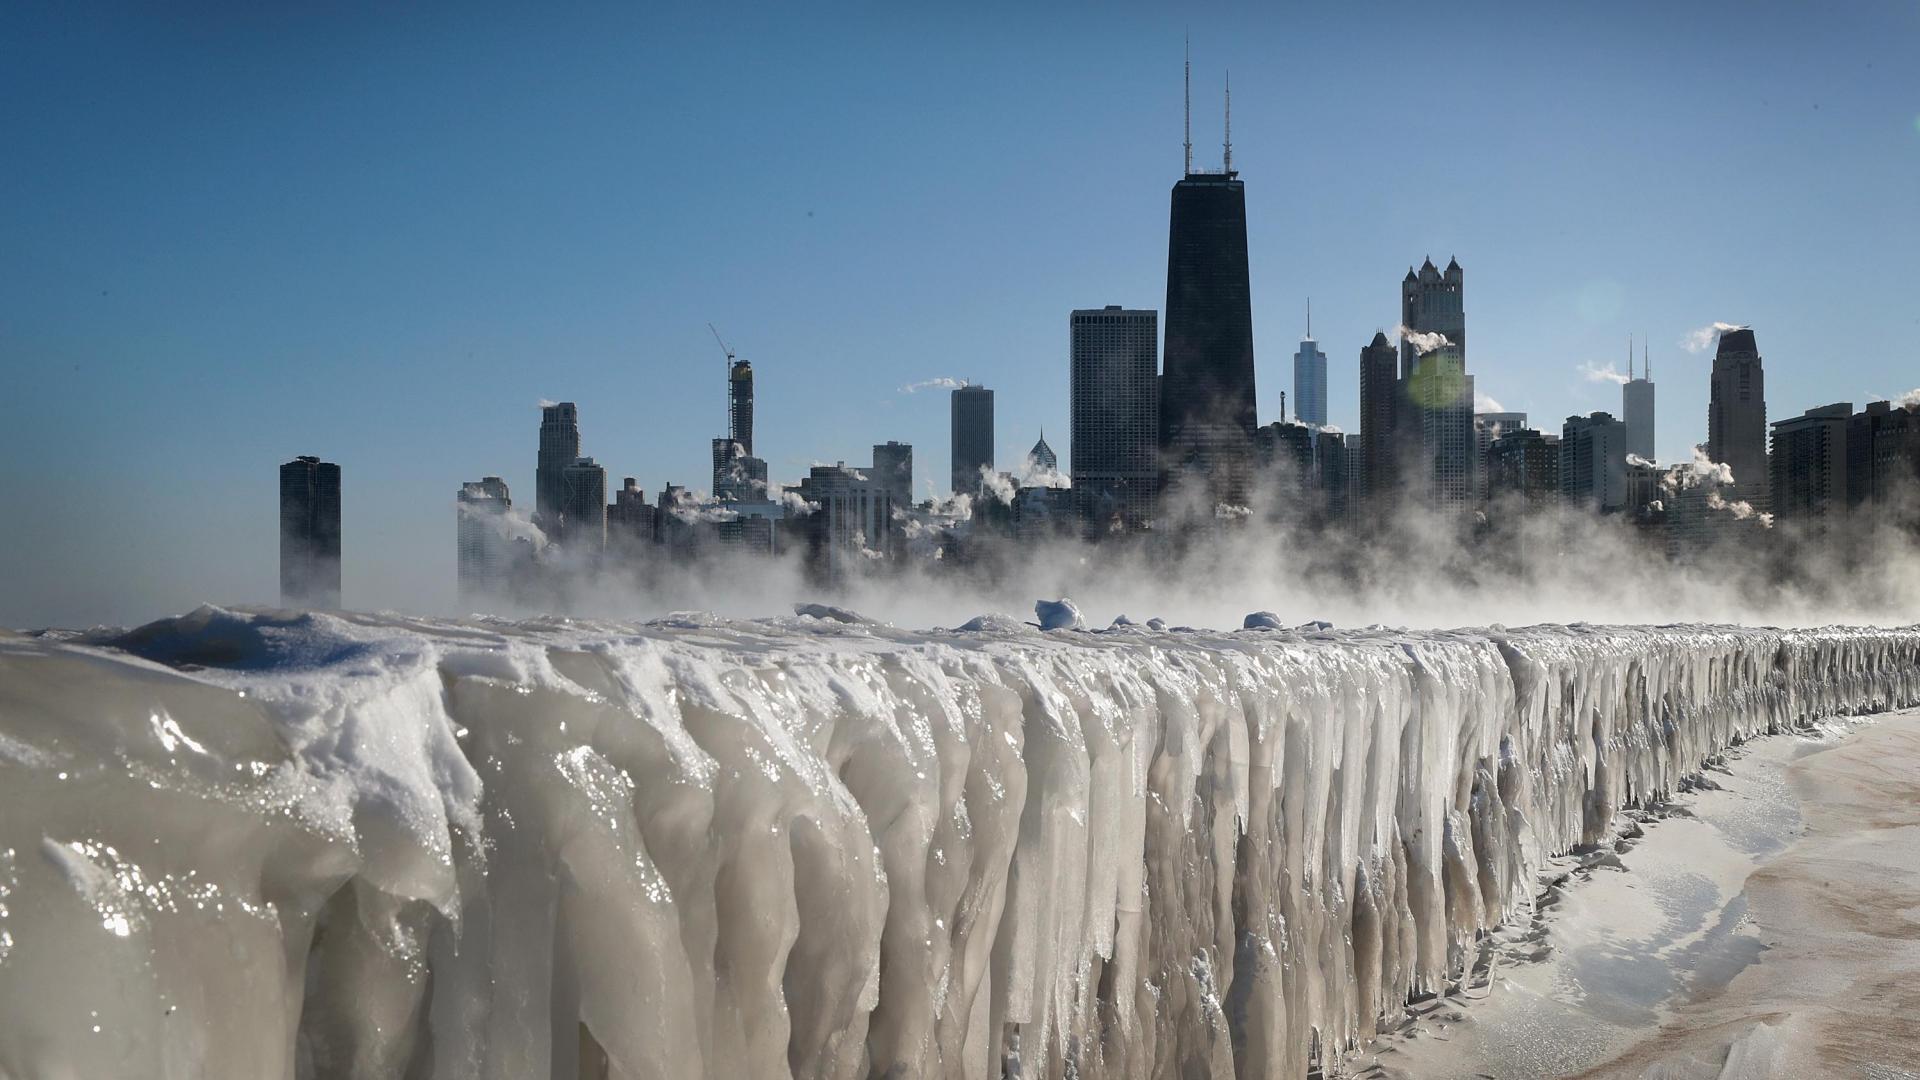 دوامة قطبية تجلب موجة برد لأمريكا لم تشهدها منذ 25 عام